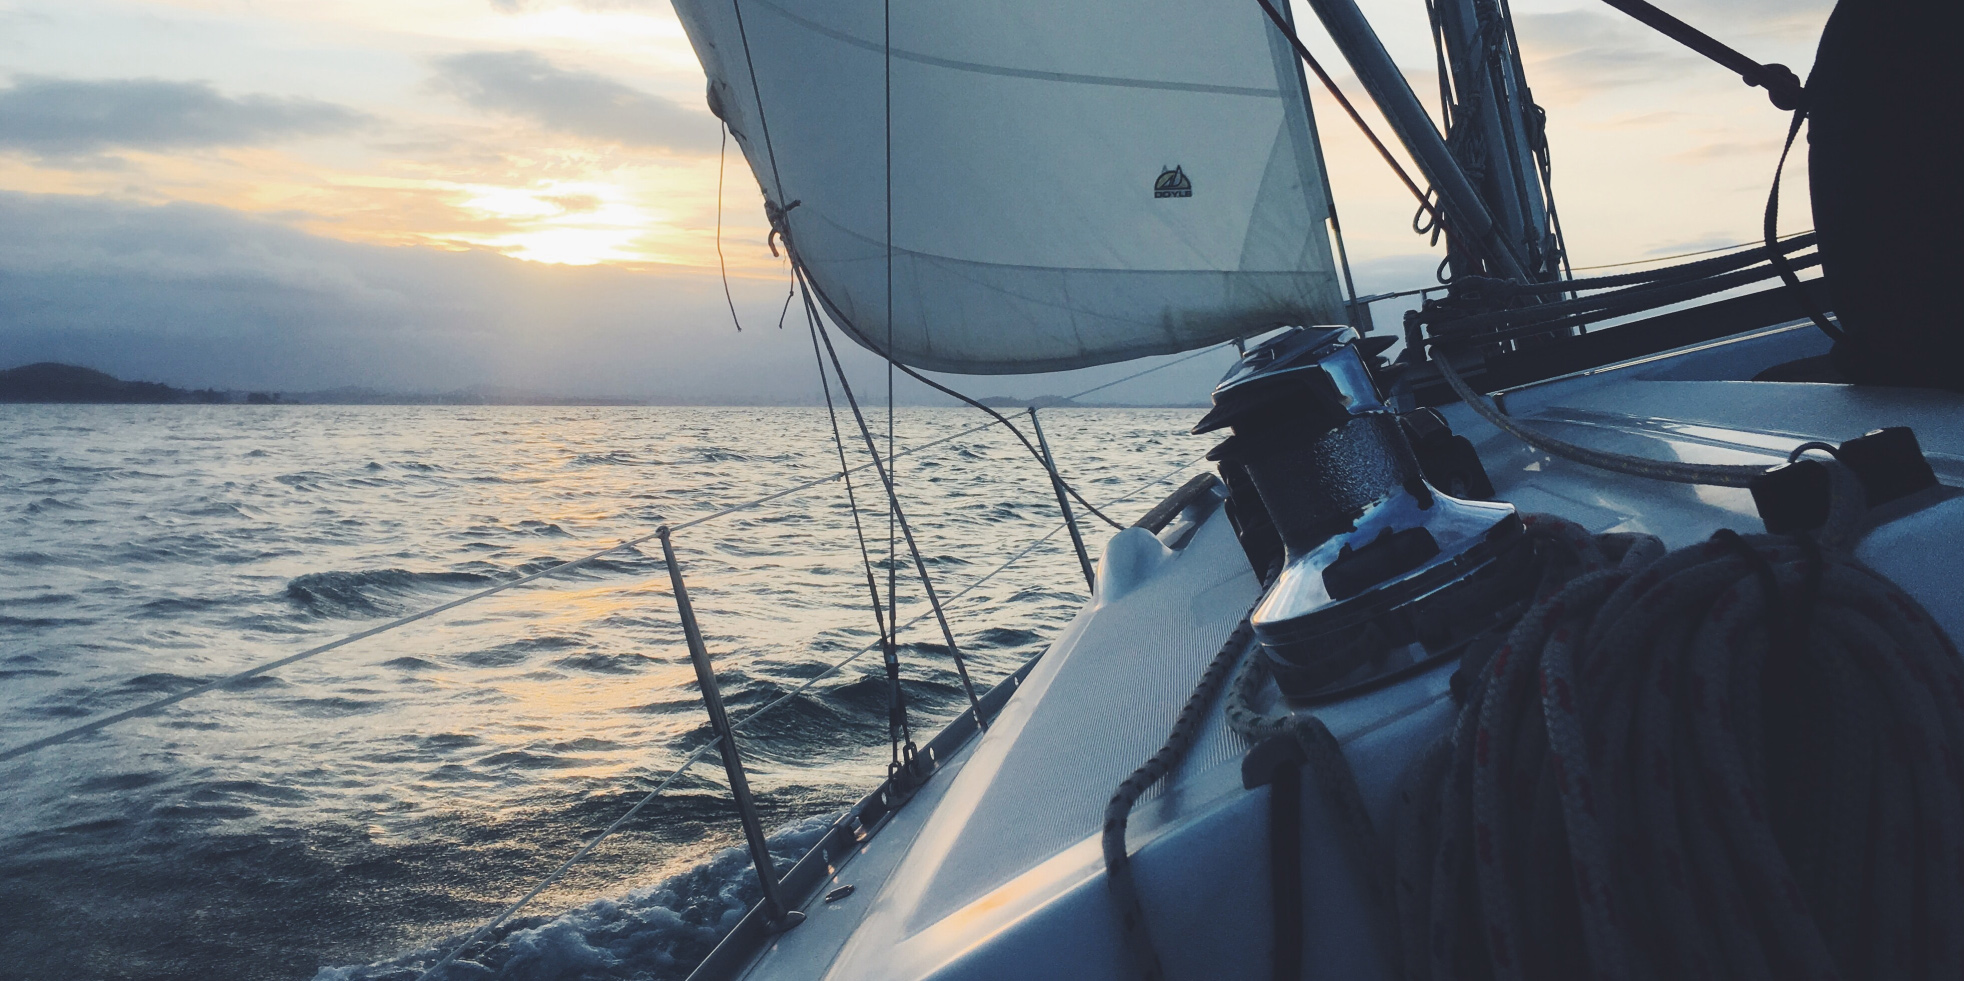 A boat at sea.